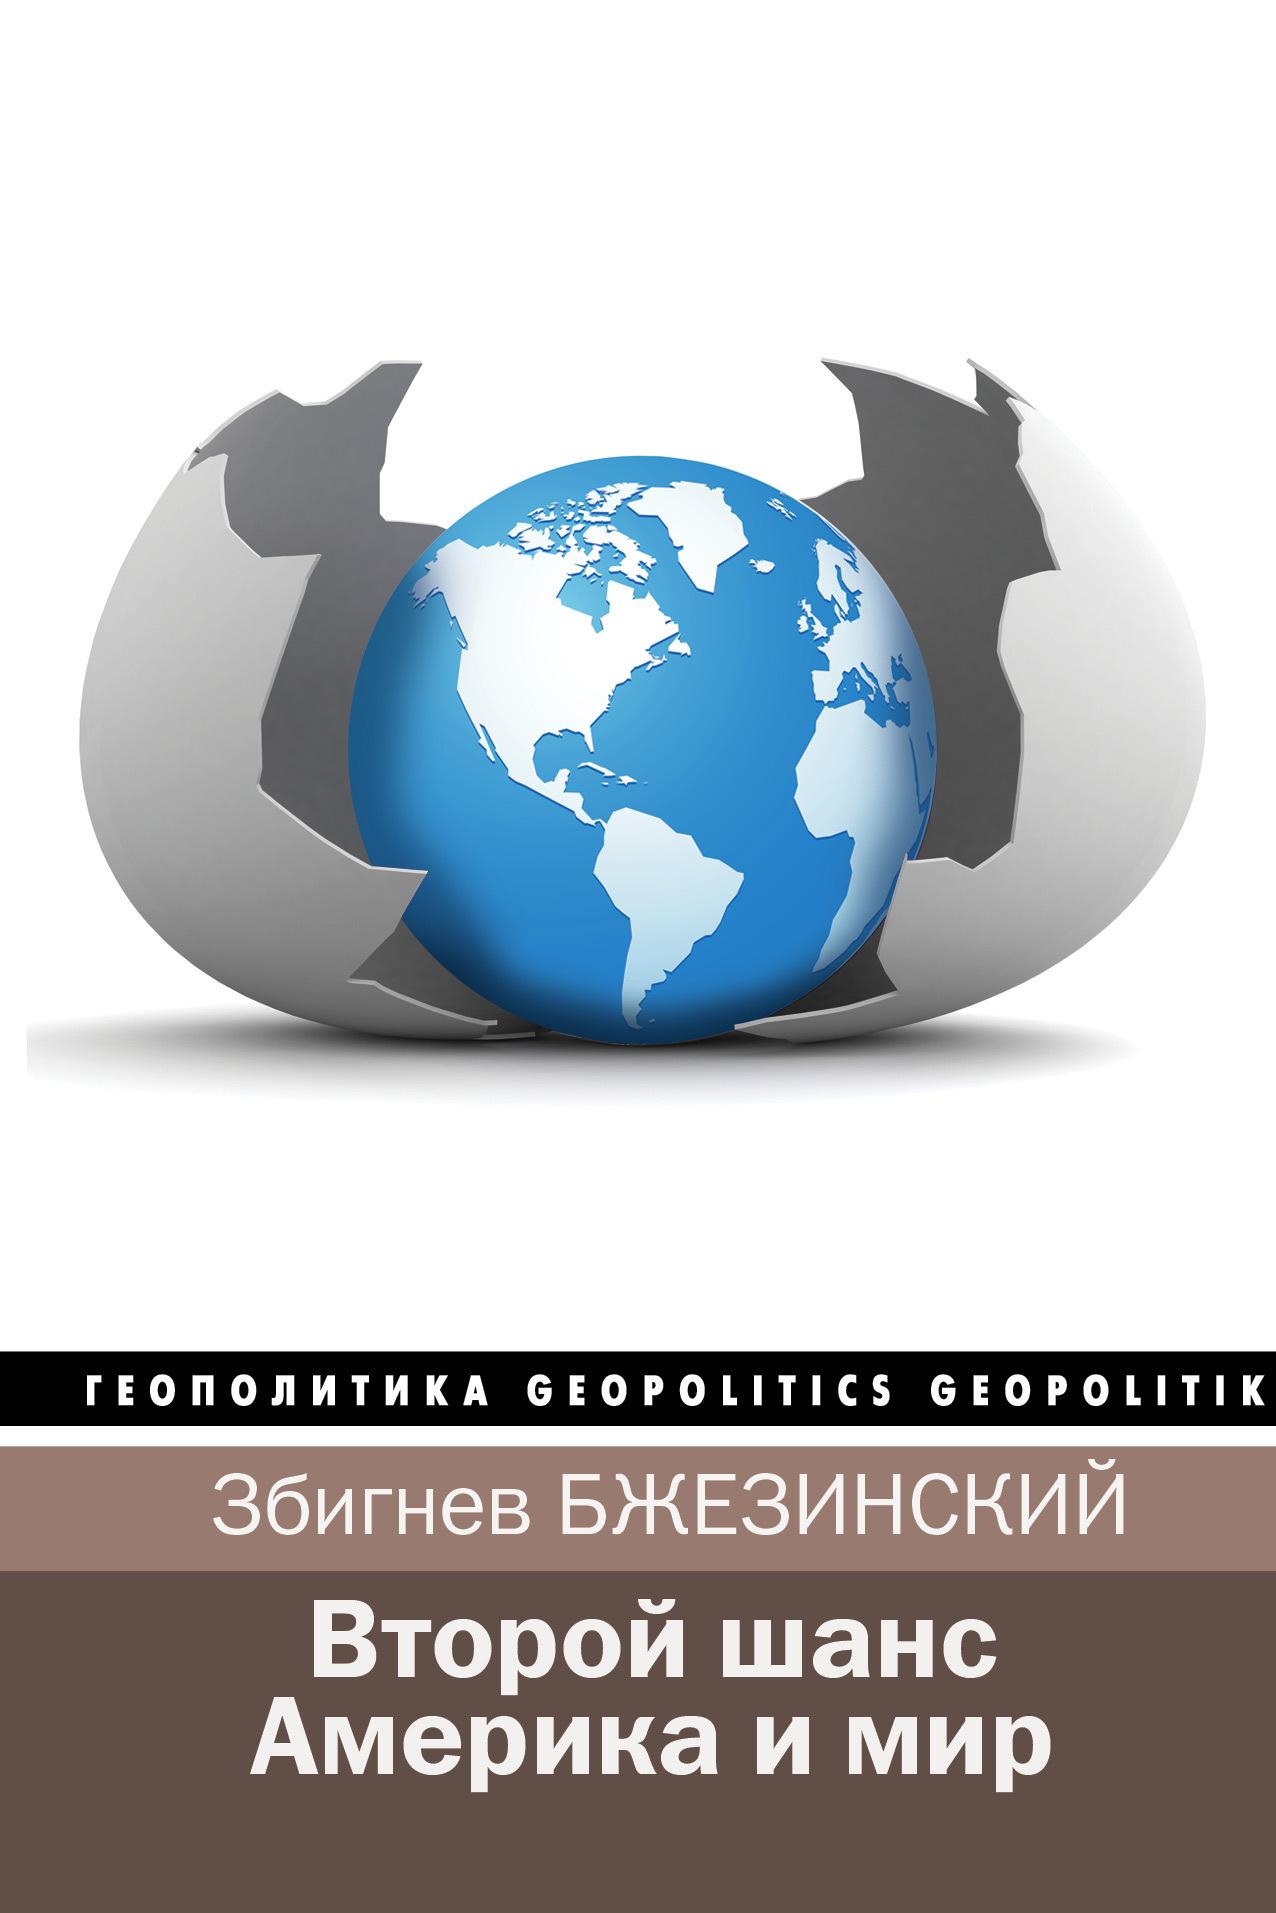 Збигнев Бжезинский, Брент Скоукрофт - Второй шанс. Америка и мир (сборник)